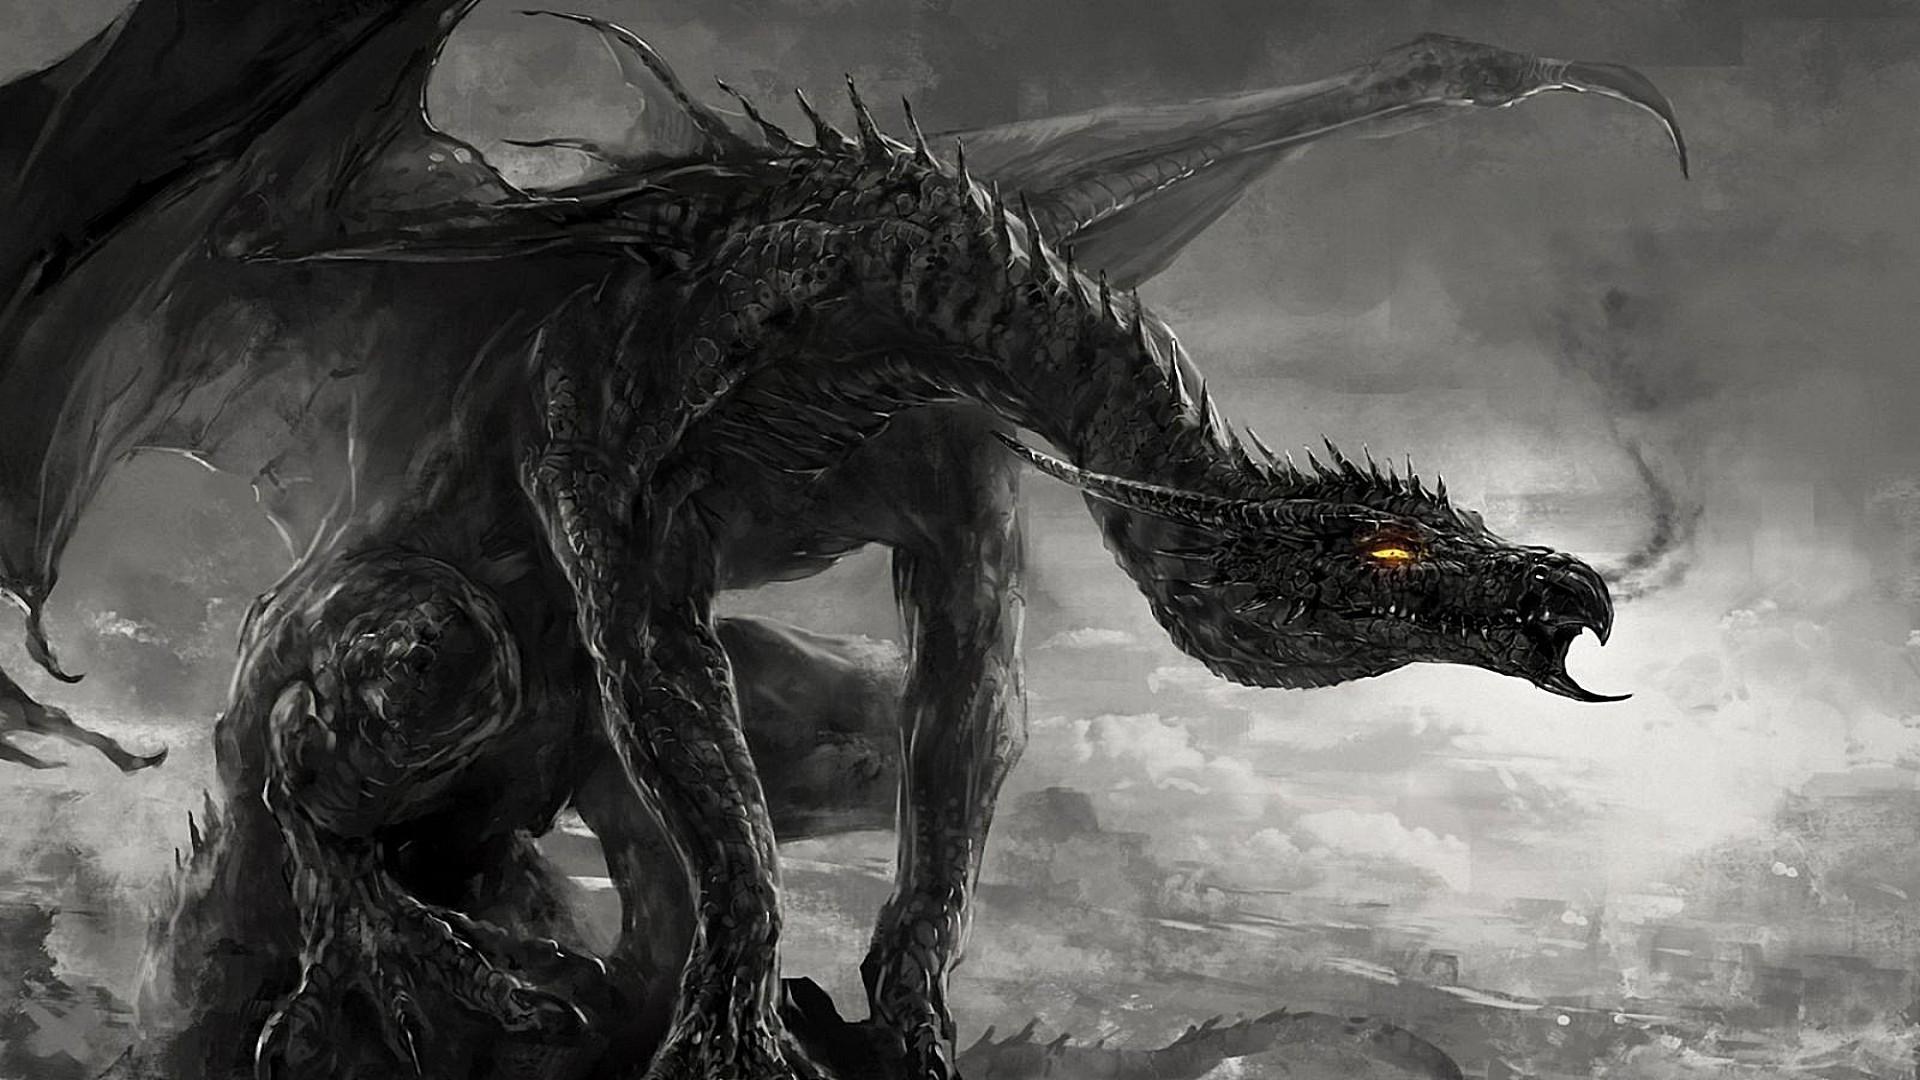 Пусть, картинка с черным драконом